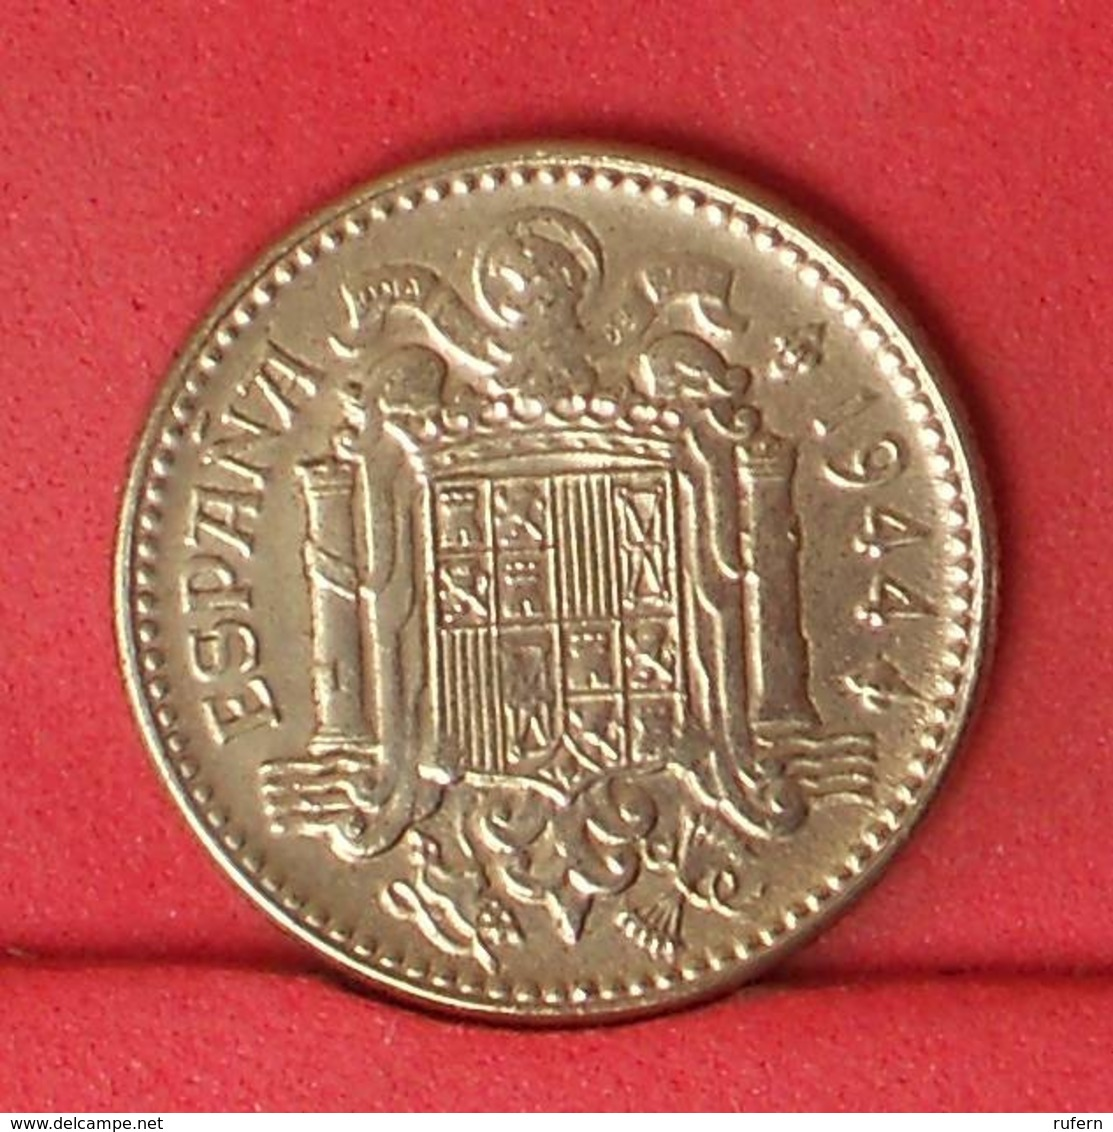 SPAIN 1 PESETA 1944 -    KM# 767 - (Nº31911) - 1 Peseta